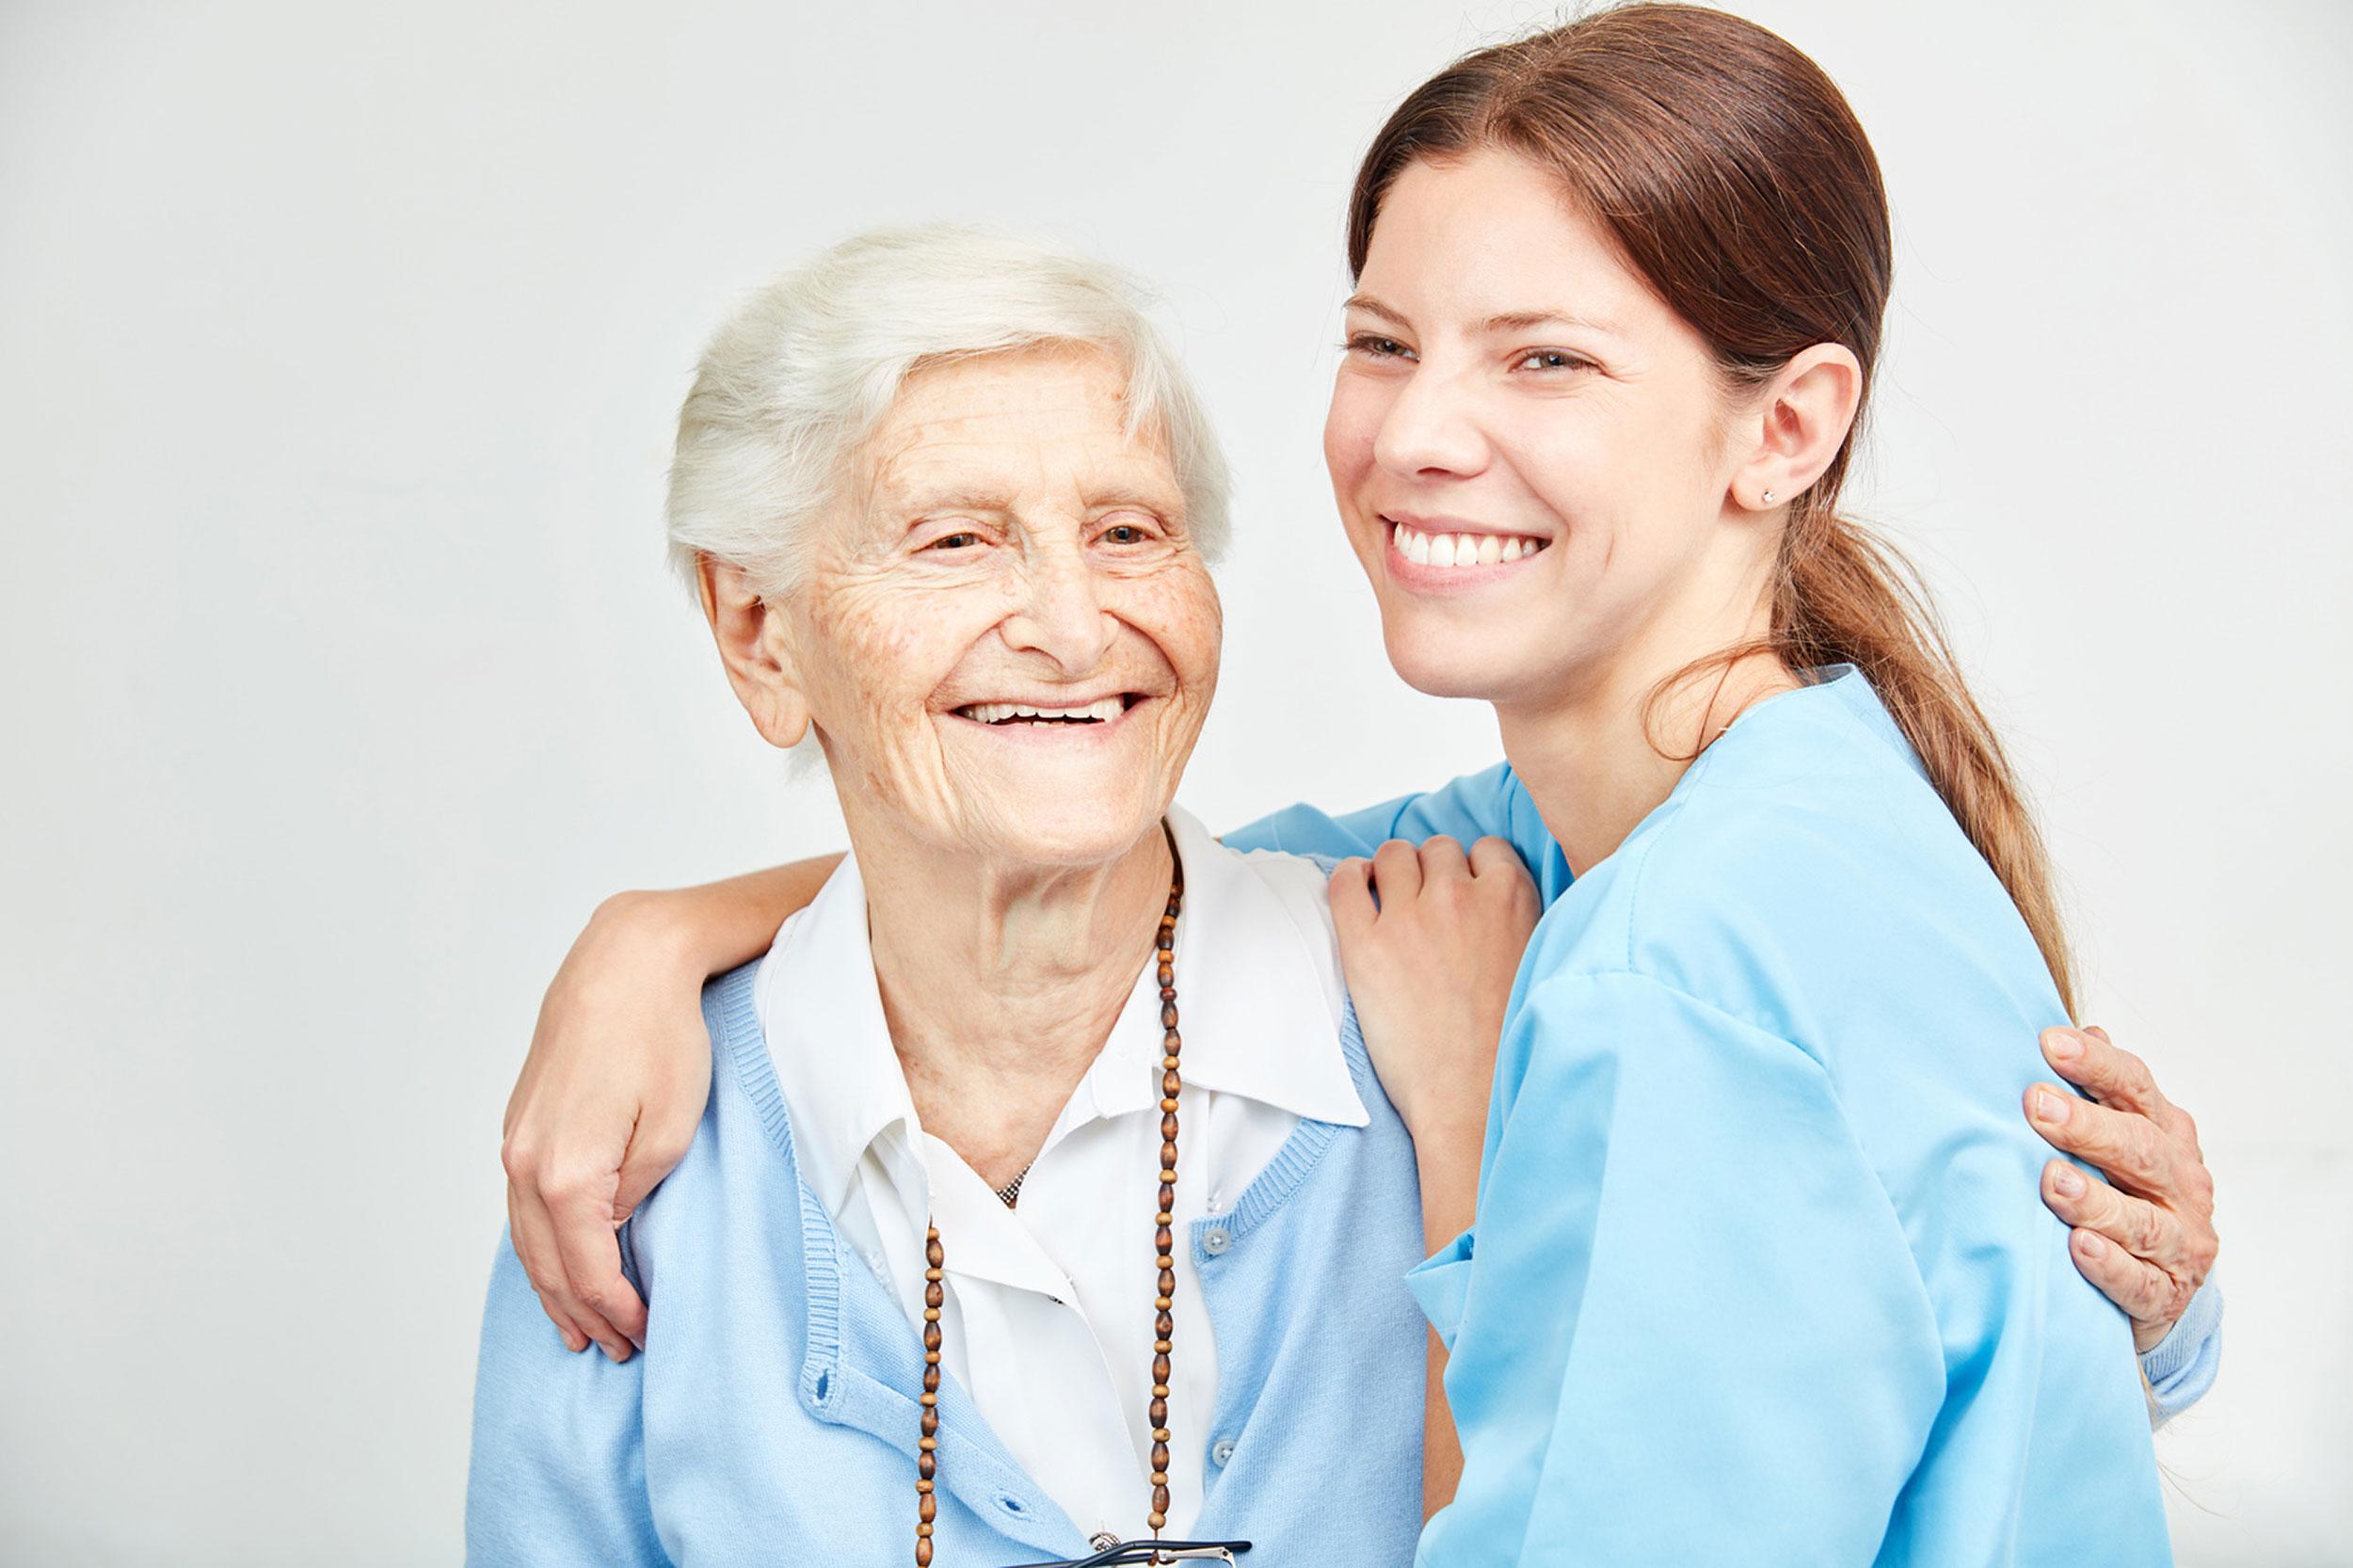 arbeitsstellen im gesundheitswesen